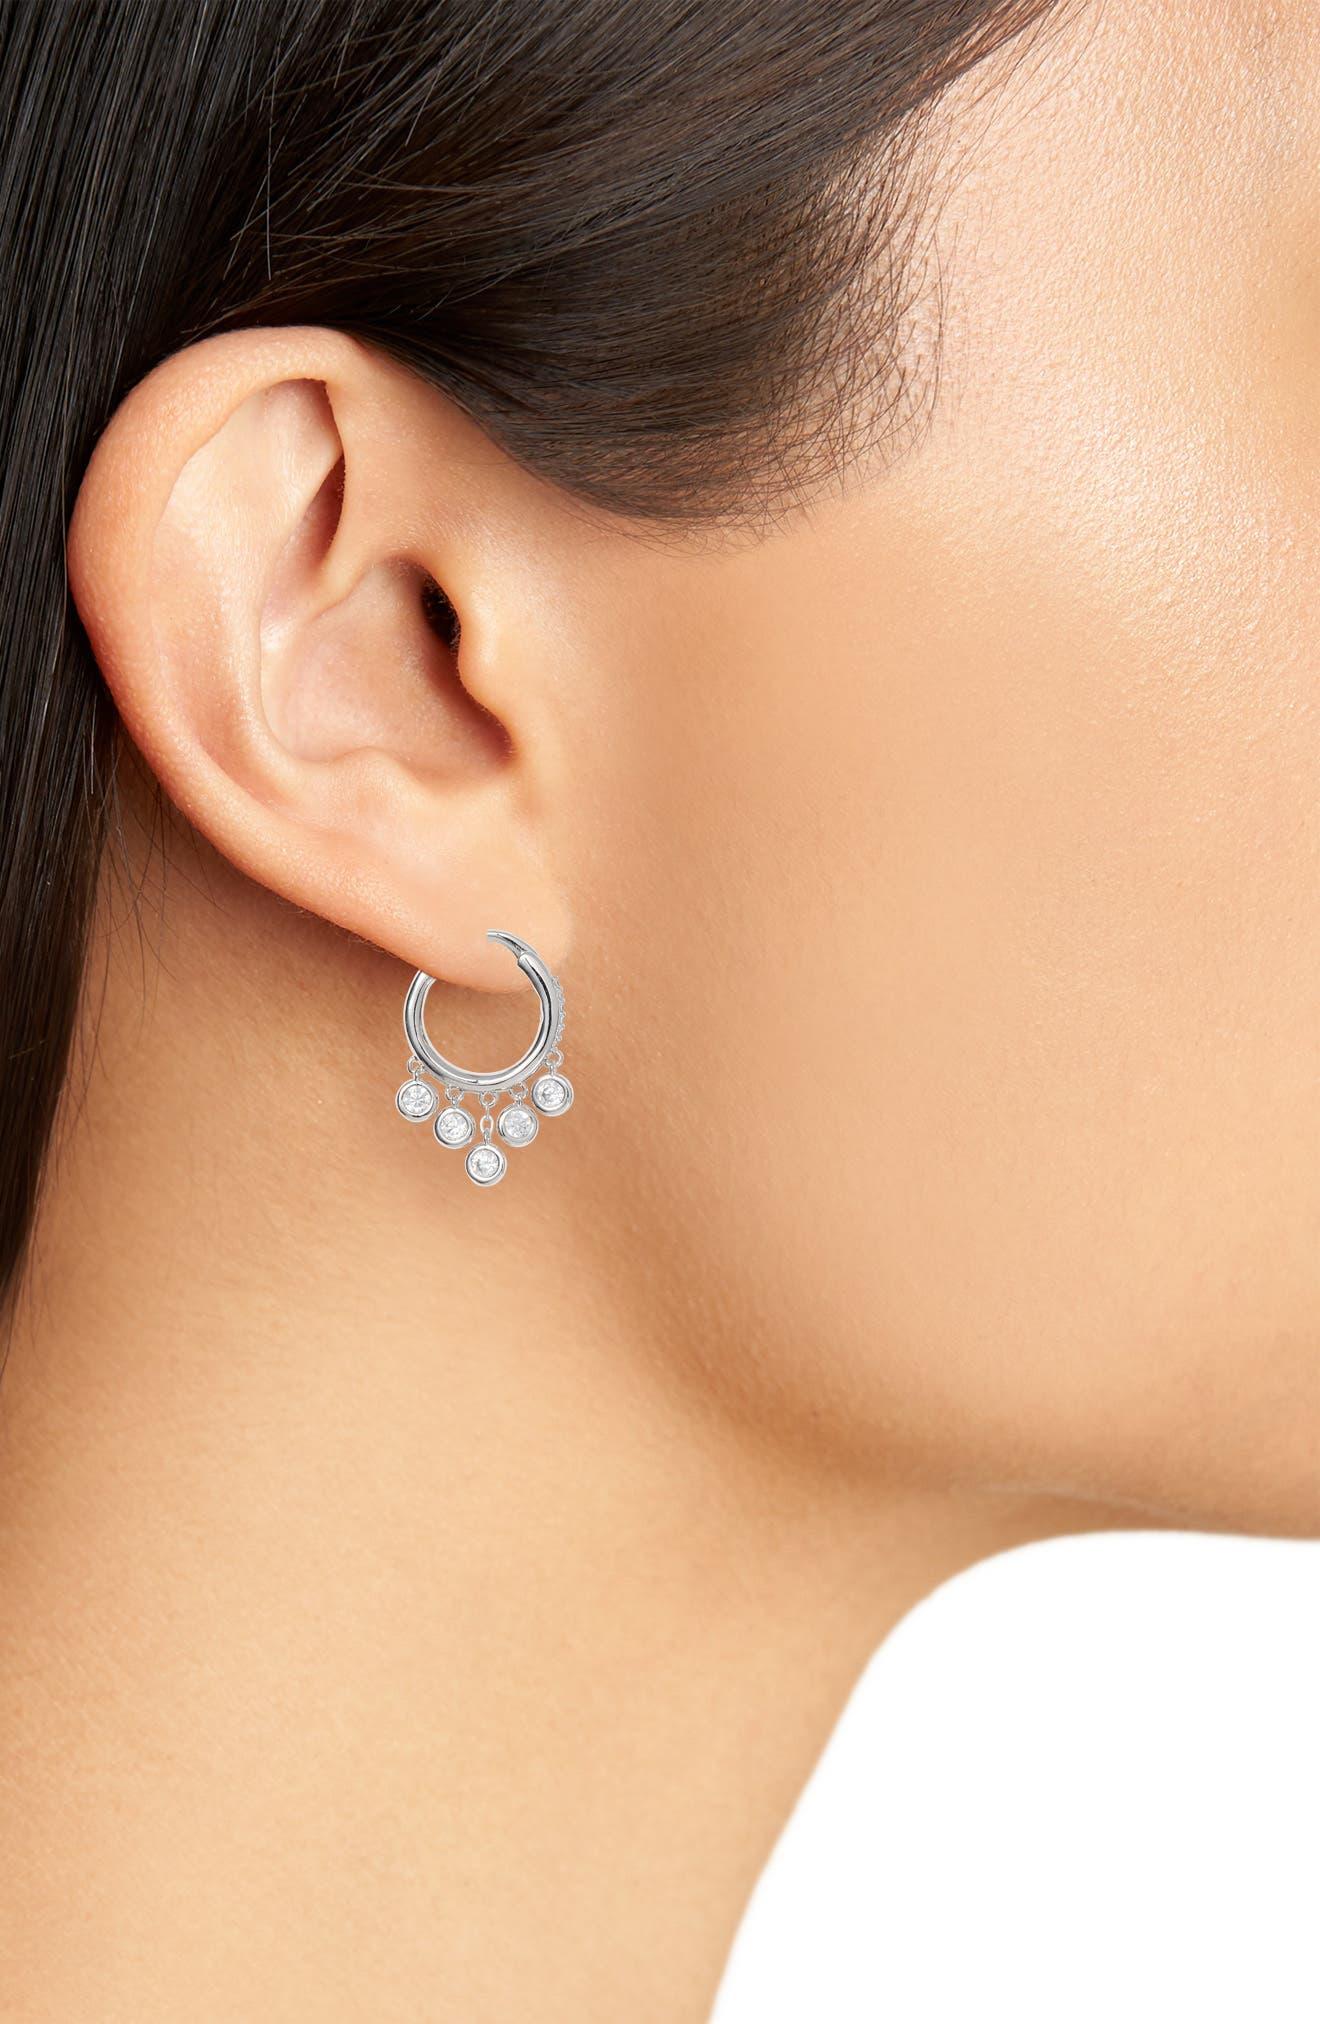 Cubic Zirconia Hoop Earrings,                             Alternate thumbnail 2, color,                             Silver